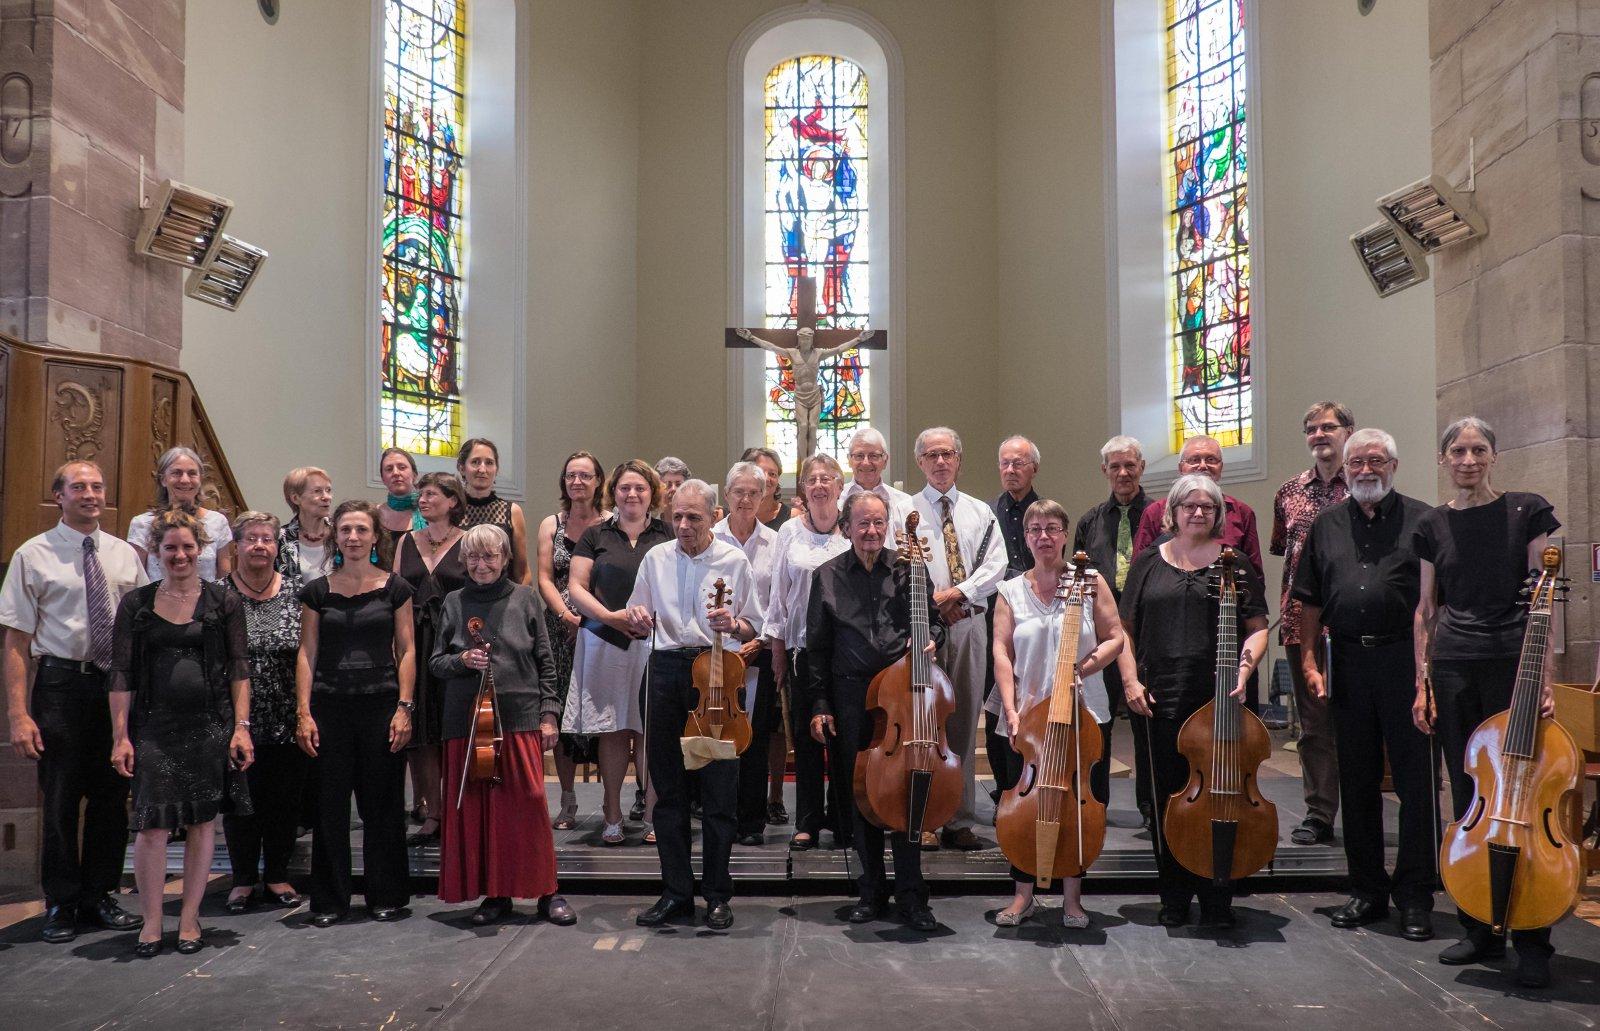 Concert 'Musiques des missions jésuites en Amérique latine'